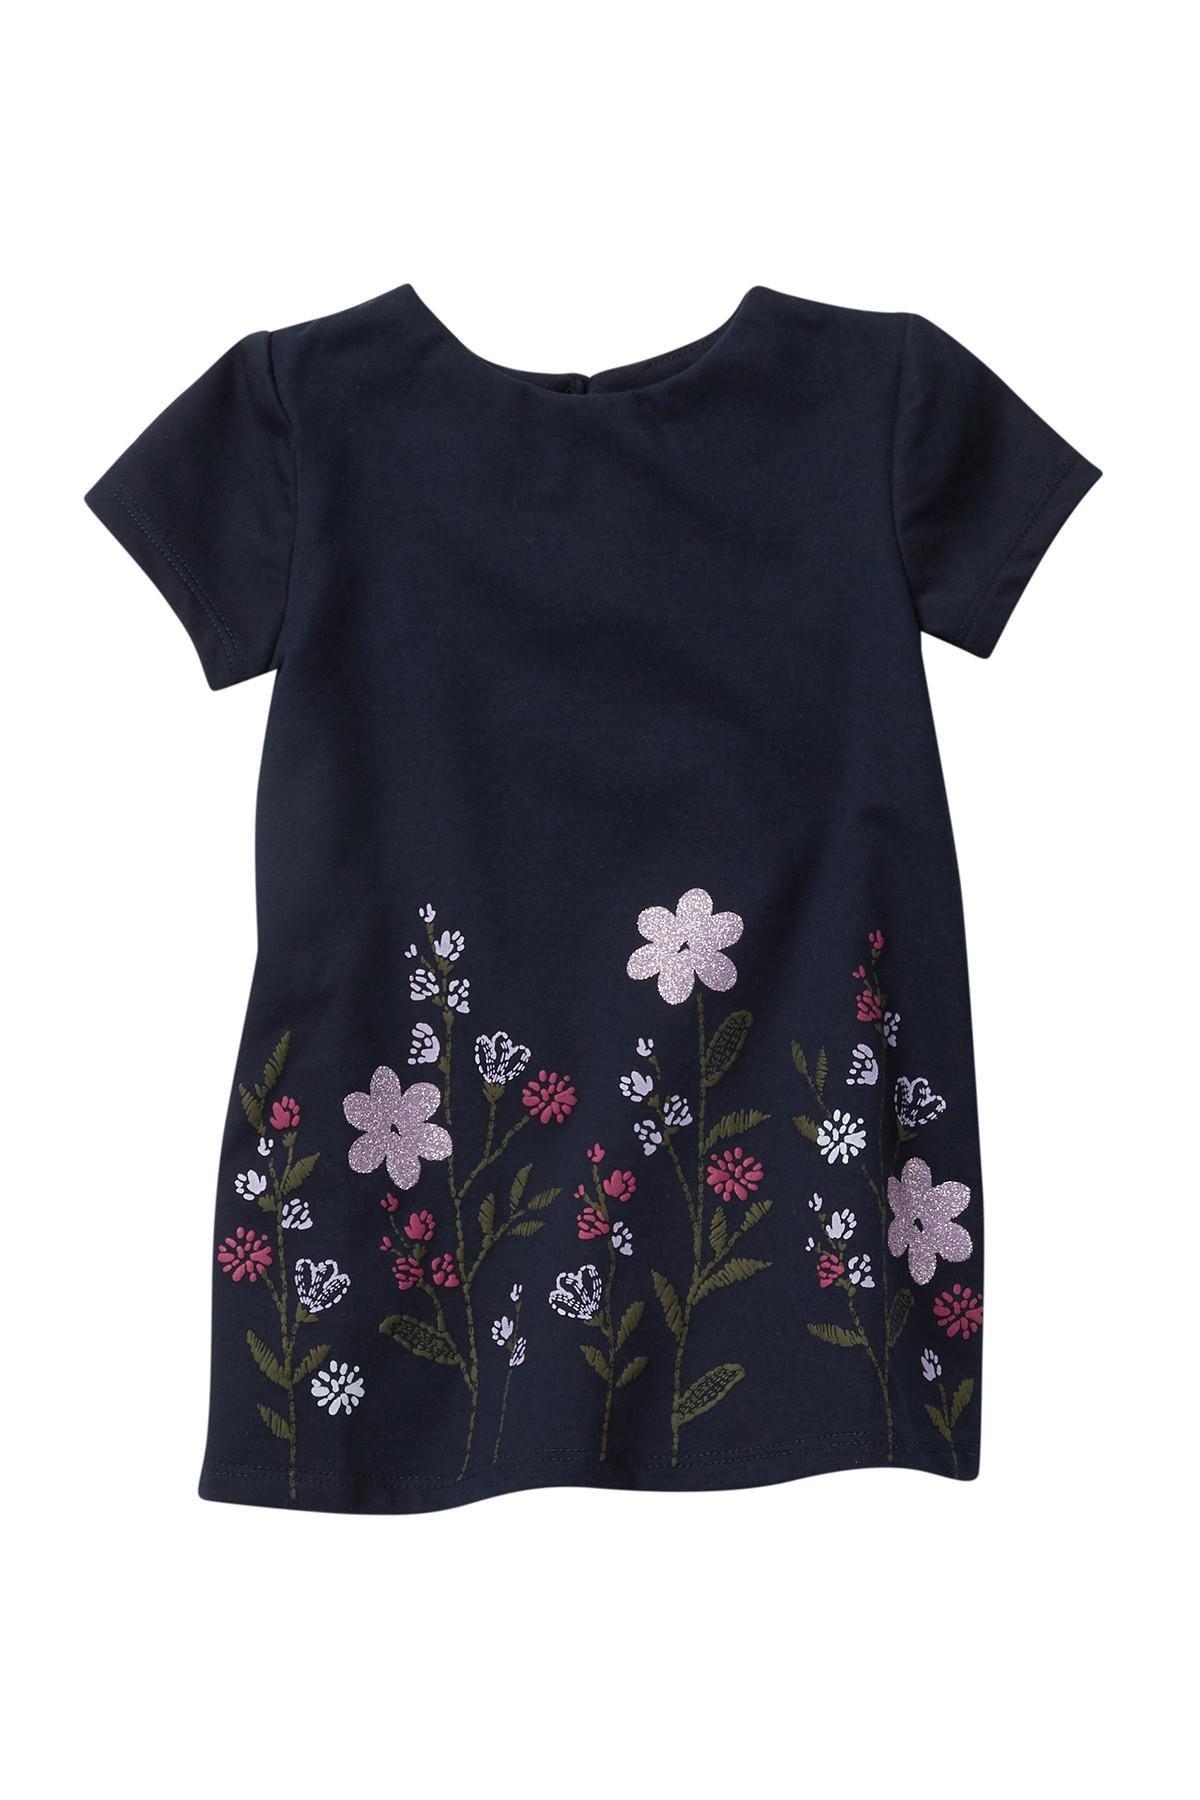 Lyst - Joe Fresh Flower Dress (baby Girls) in Blue b4af0f1ec